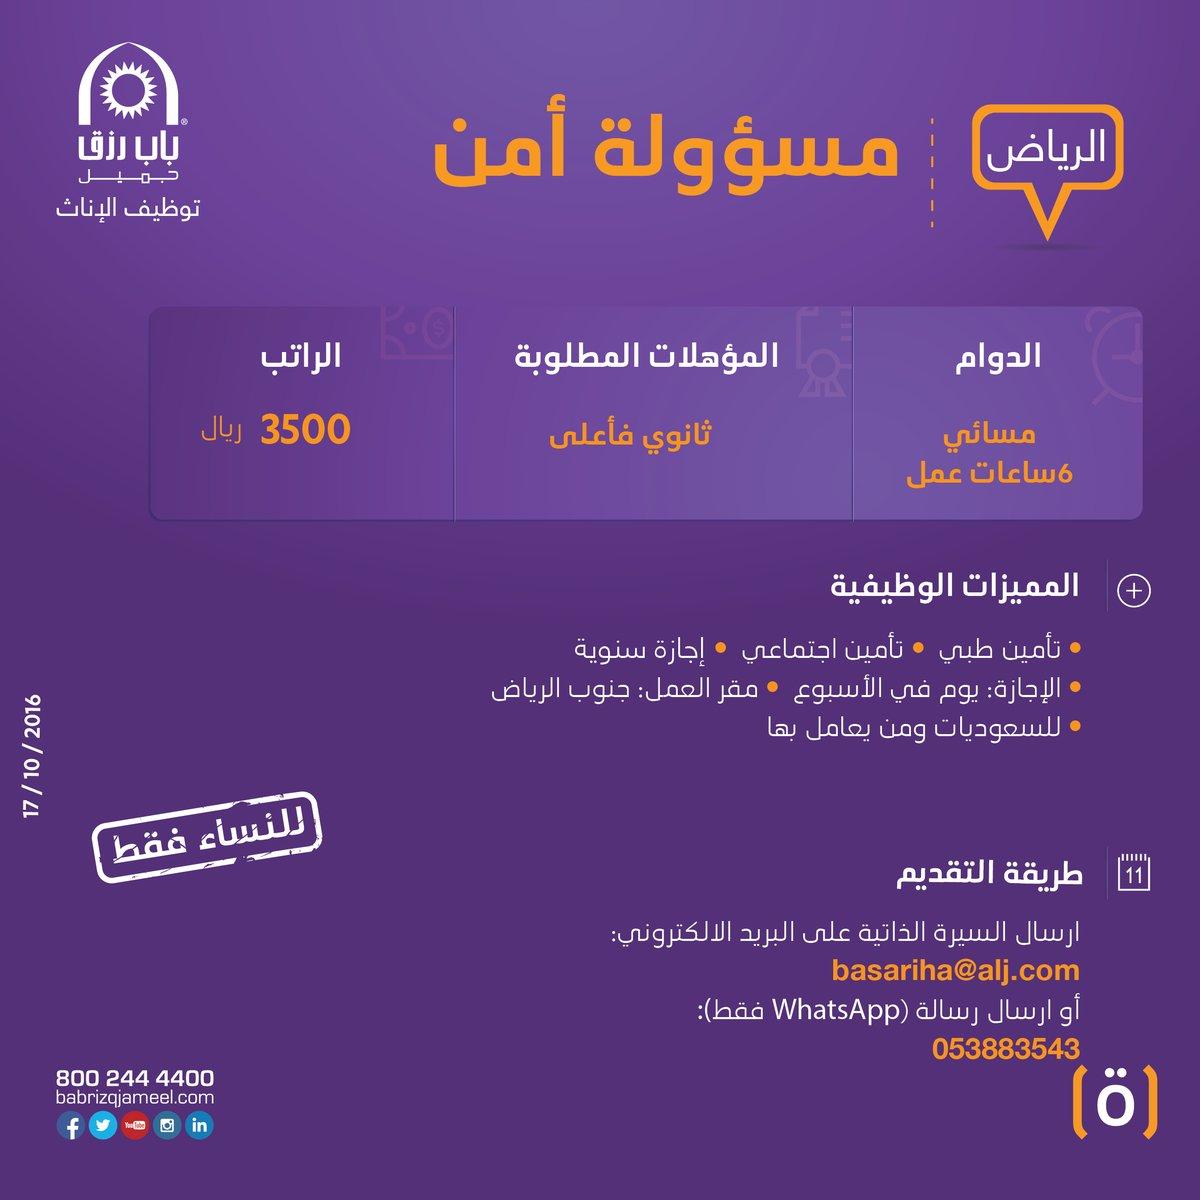 مطلوب مسؤولة أمن - الرياض